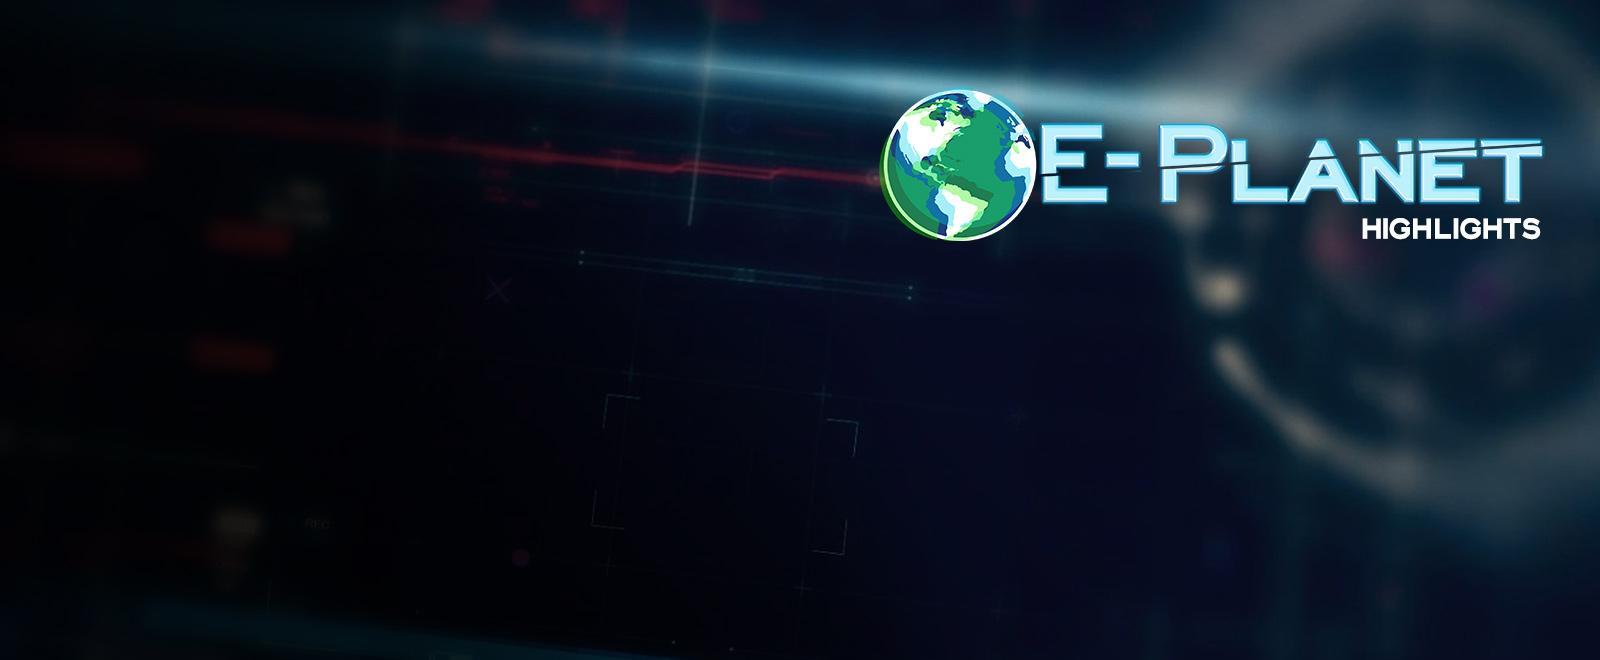 E-planet hi-li 30' 19 - 20